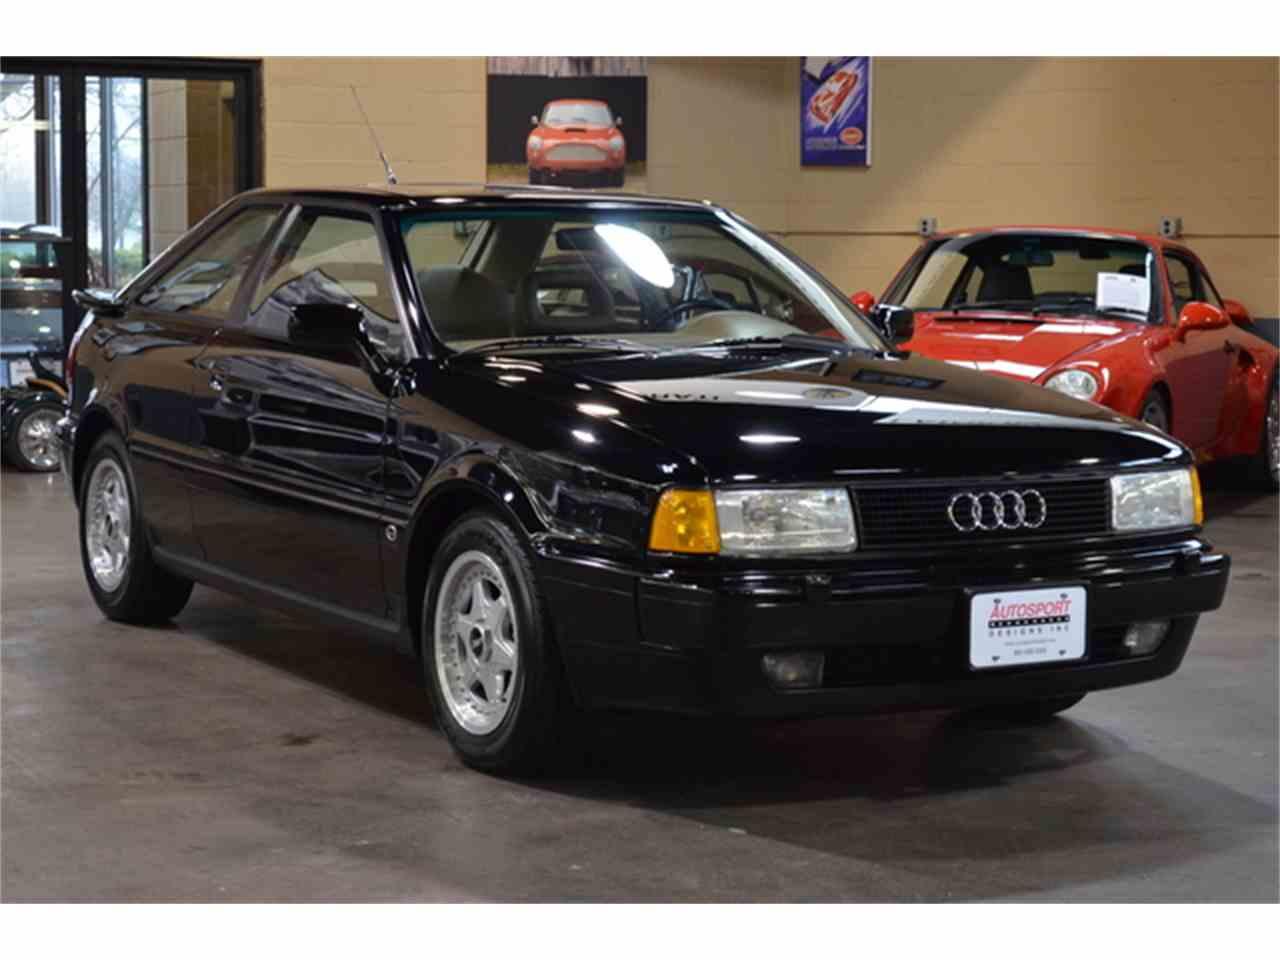 1991 Audi Quattro for Sale   ClicCars.com   CC-971899  Audi S Coupe on audi quattro coupe, audi 90 coupe, audi rs2 coupe, audi a5 coupe,